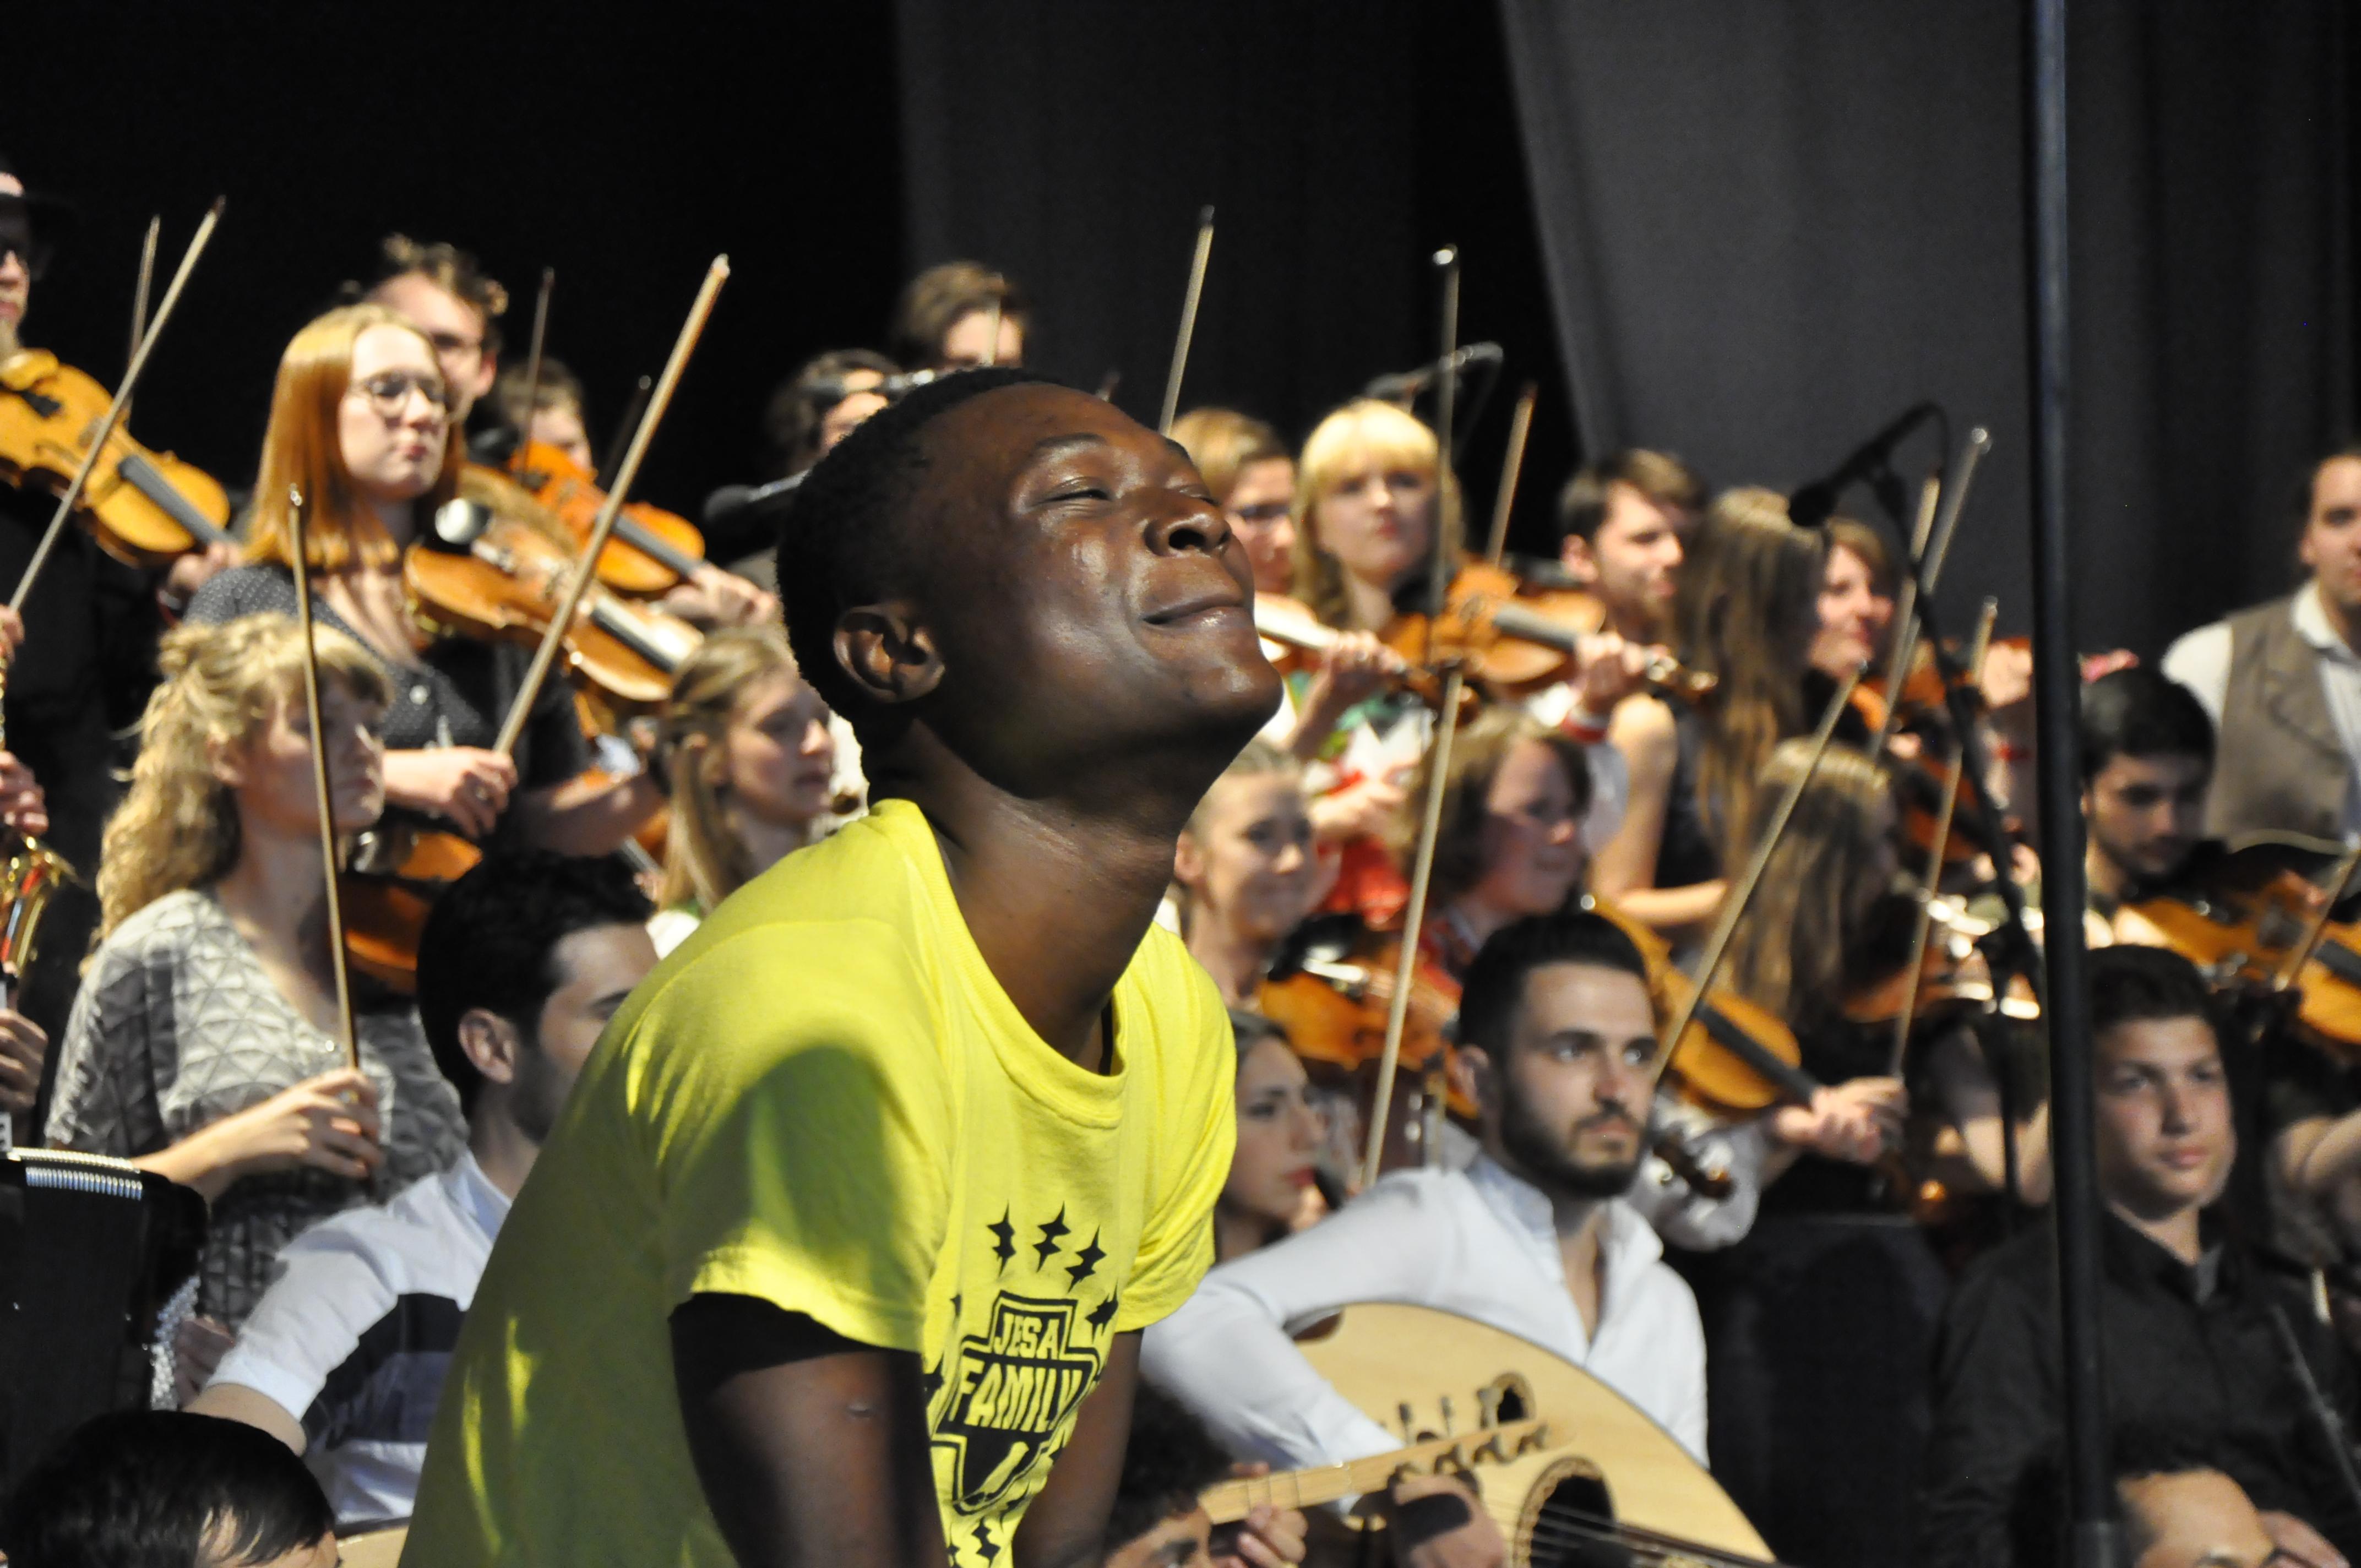 En Glad Ung Slagverkare Framför En Stor Grupp Av Unga Musiker På En Scen